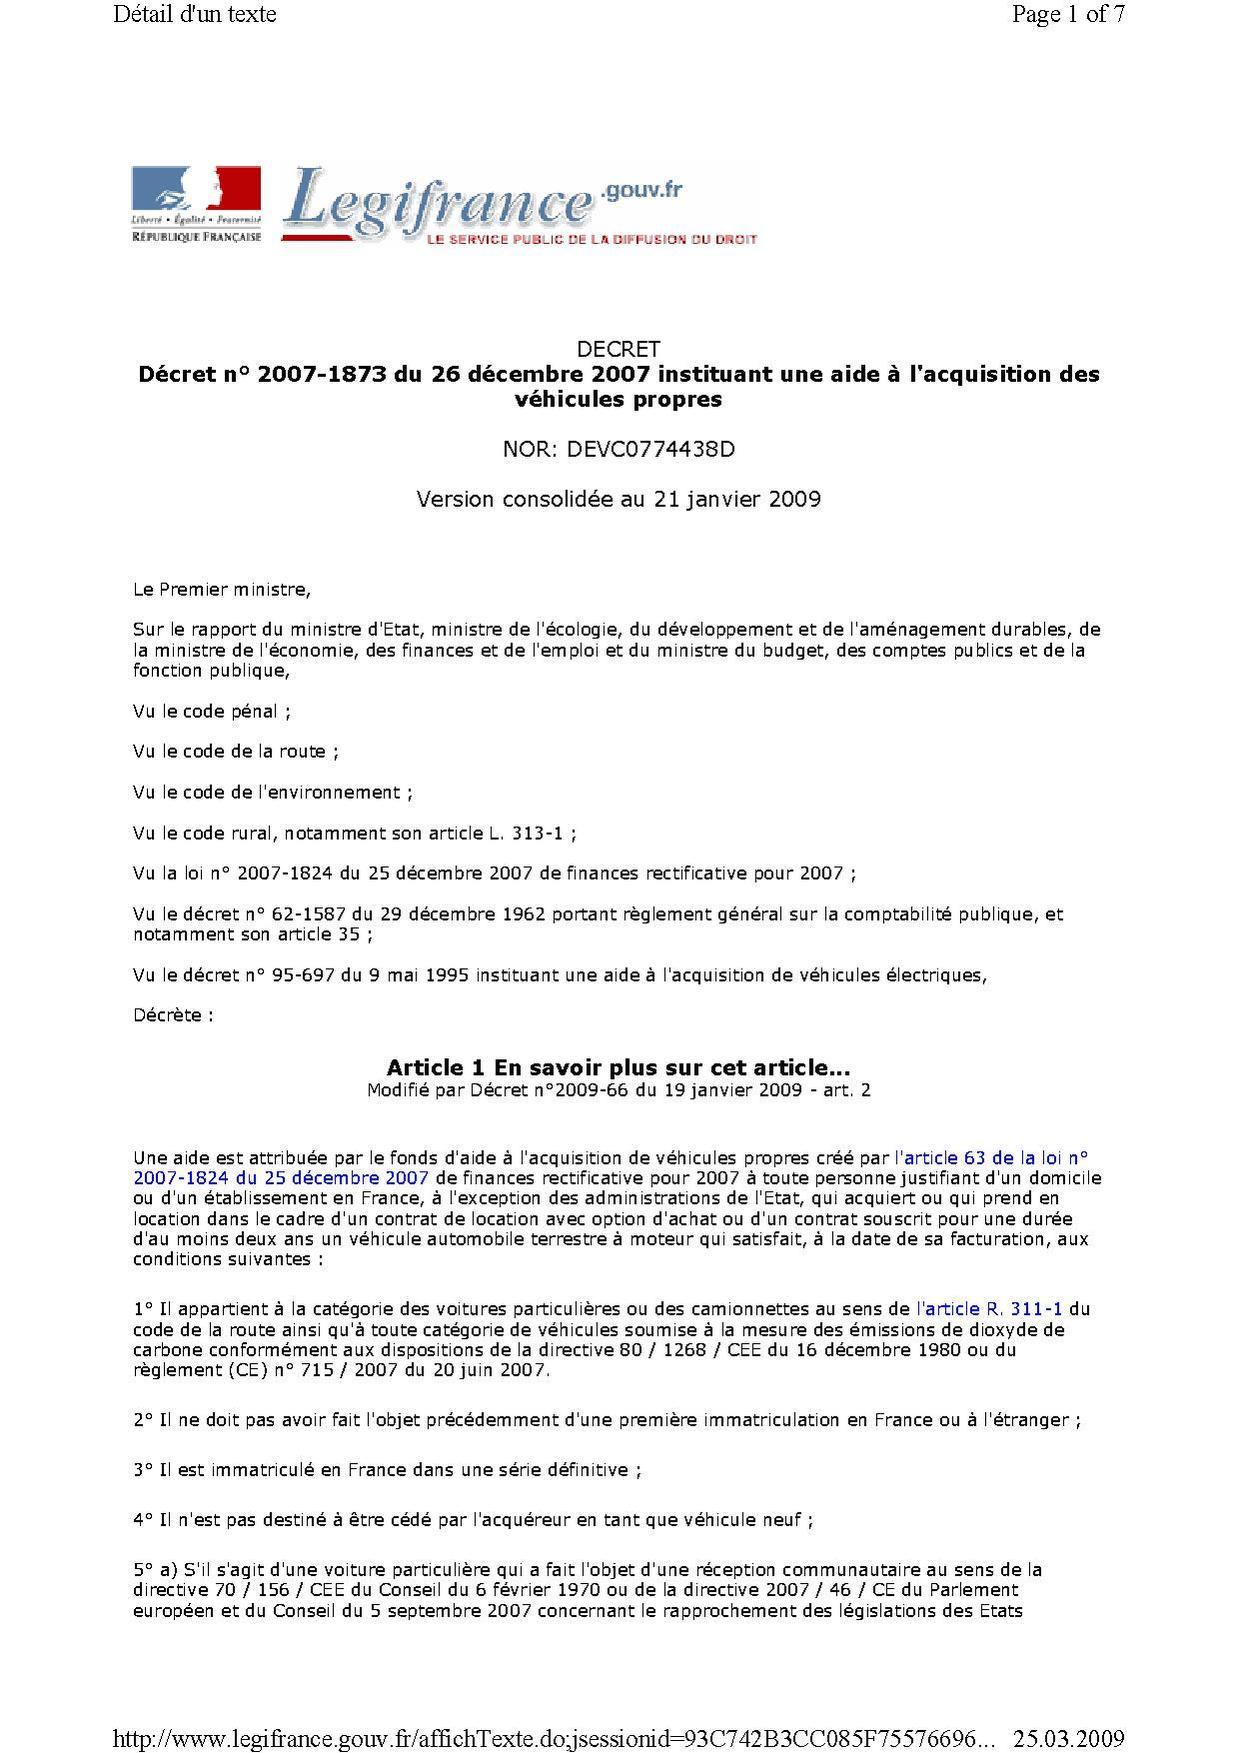 file20071226 dcret n 2007 1873 du 26 dcembre 2007 instituant une aide lacquisition des vhicules propres 20090325pdf